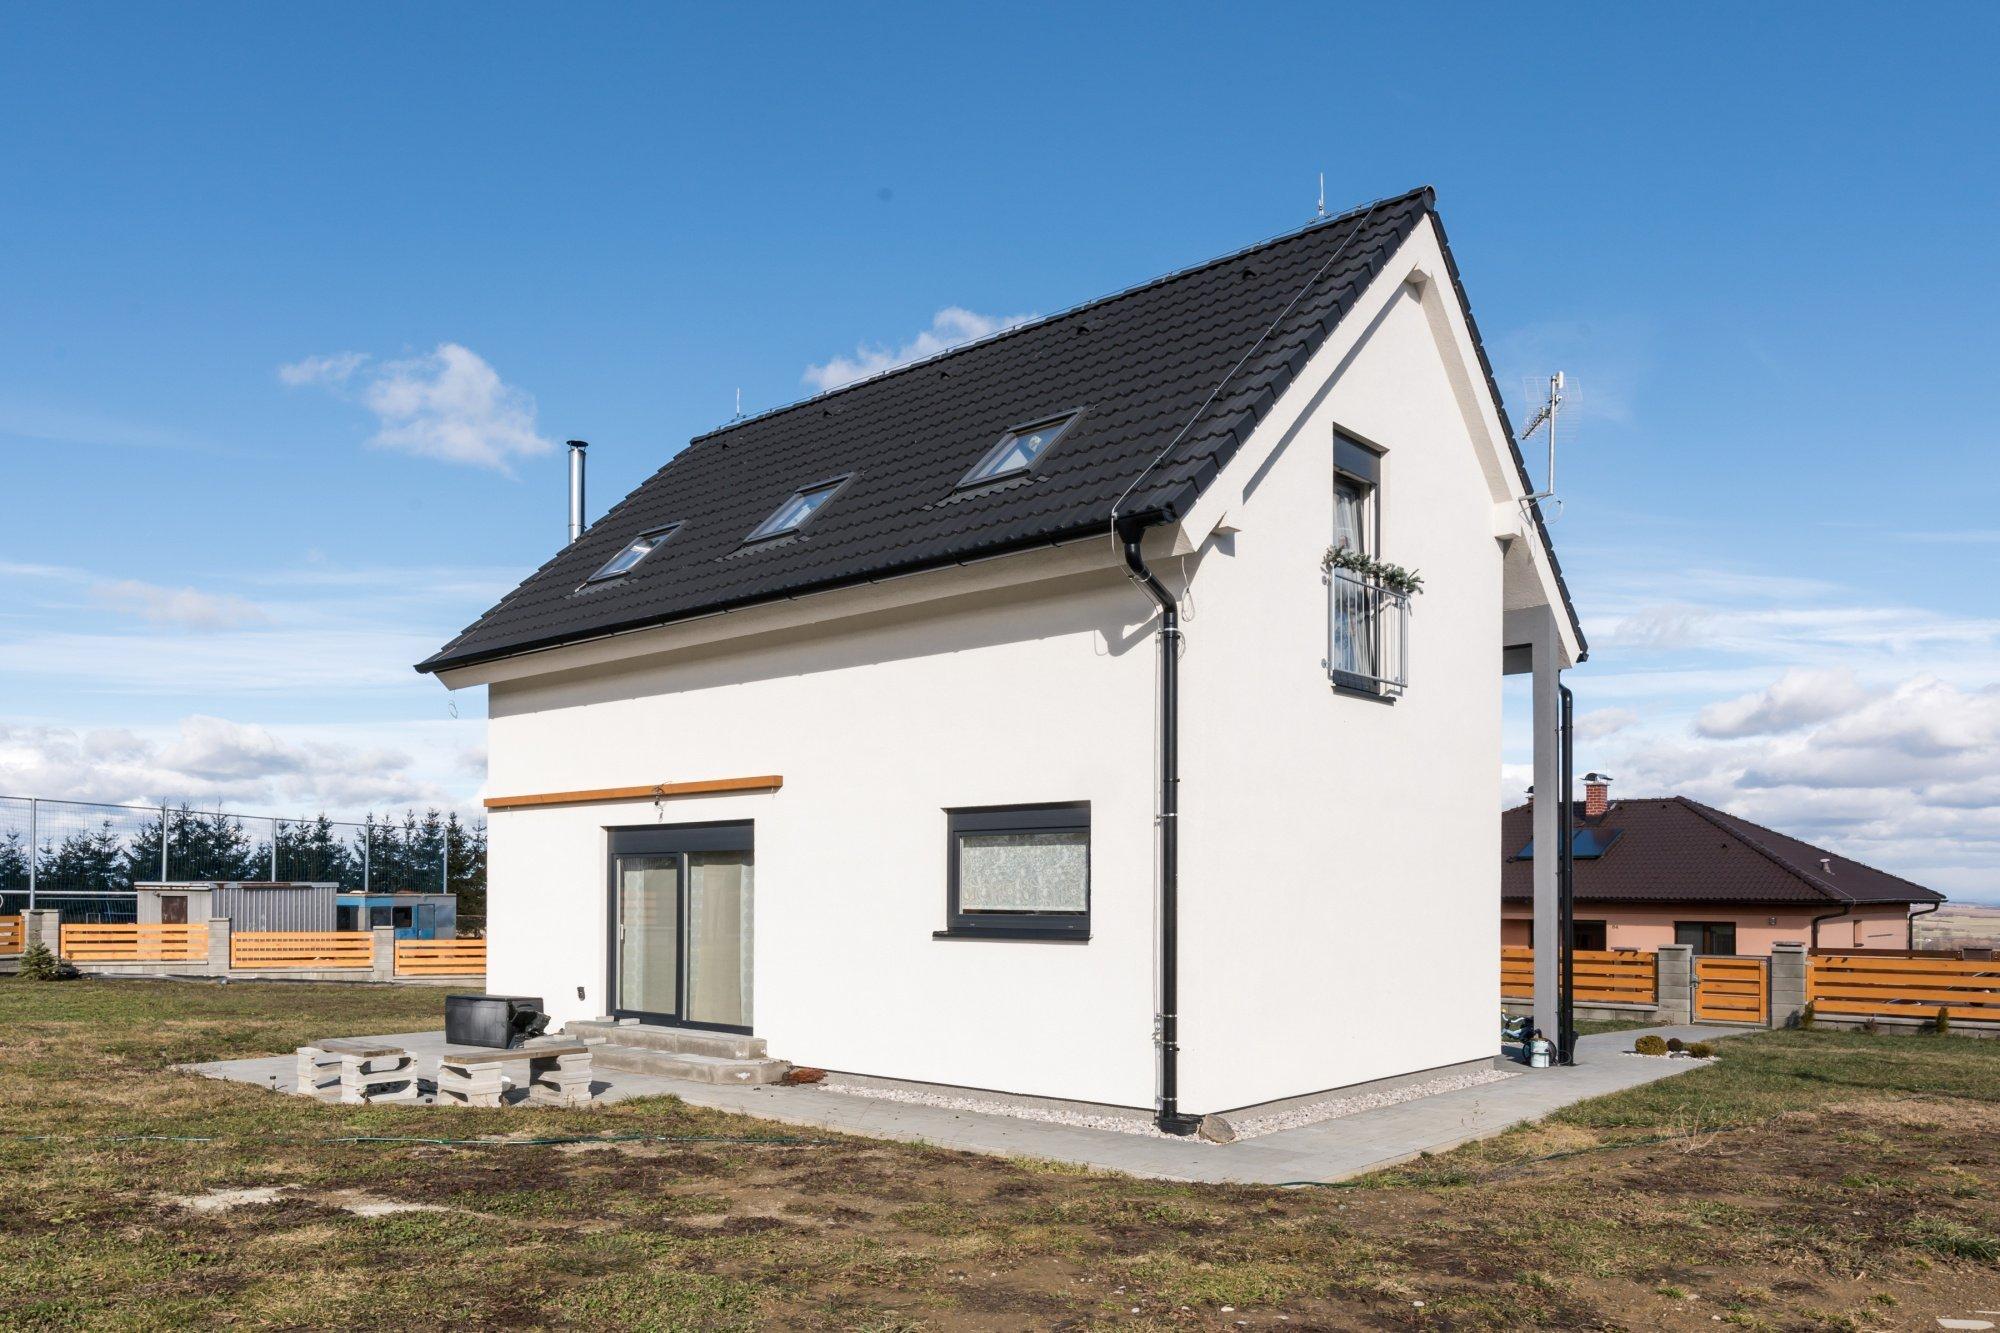 """Rodinný dům """"U Hrdličků""""   Dispozice: 3+kk Zastavěná plocha (m2): 57   domek s podkrovím možno upravit na 4+kk 1x koupelna 2x toaleta…"""